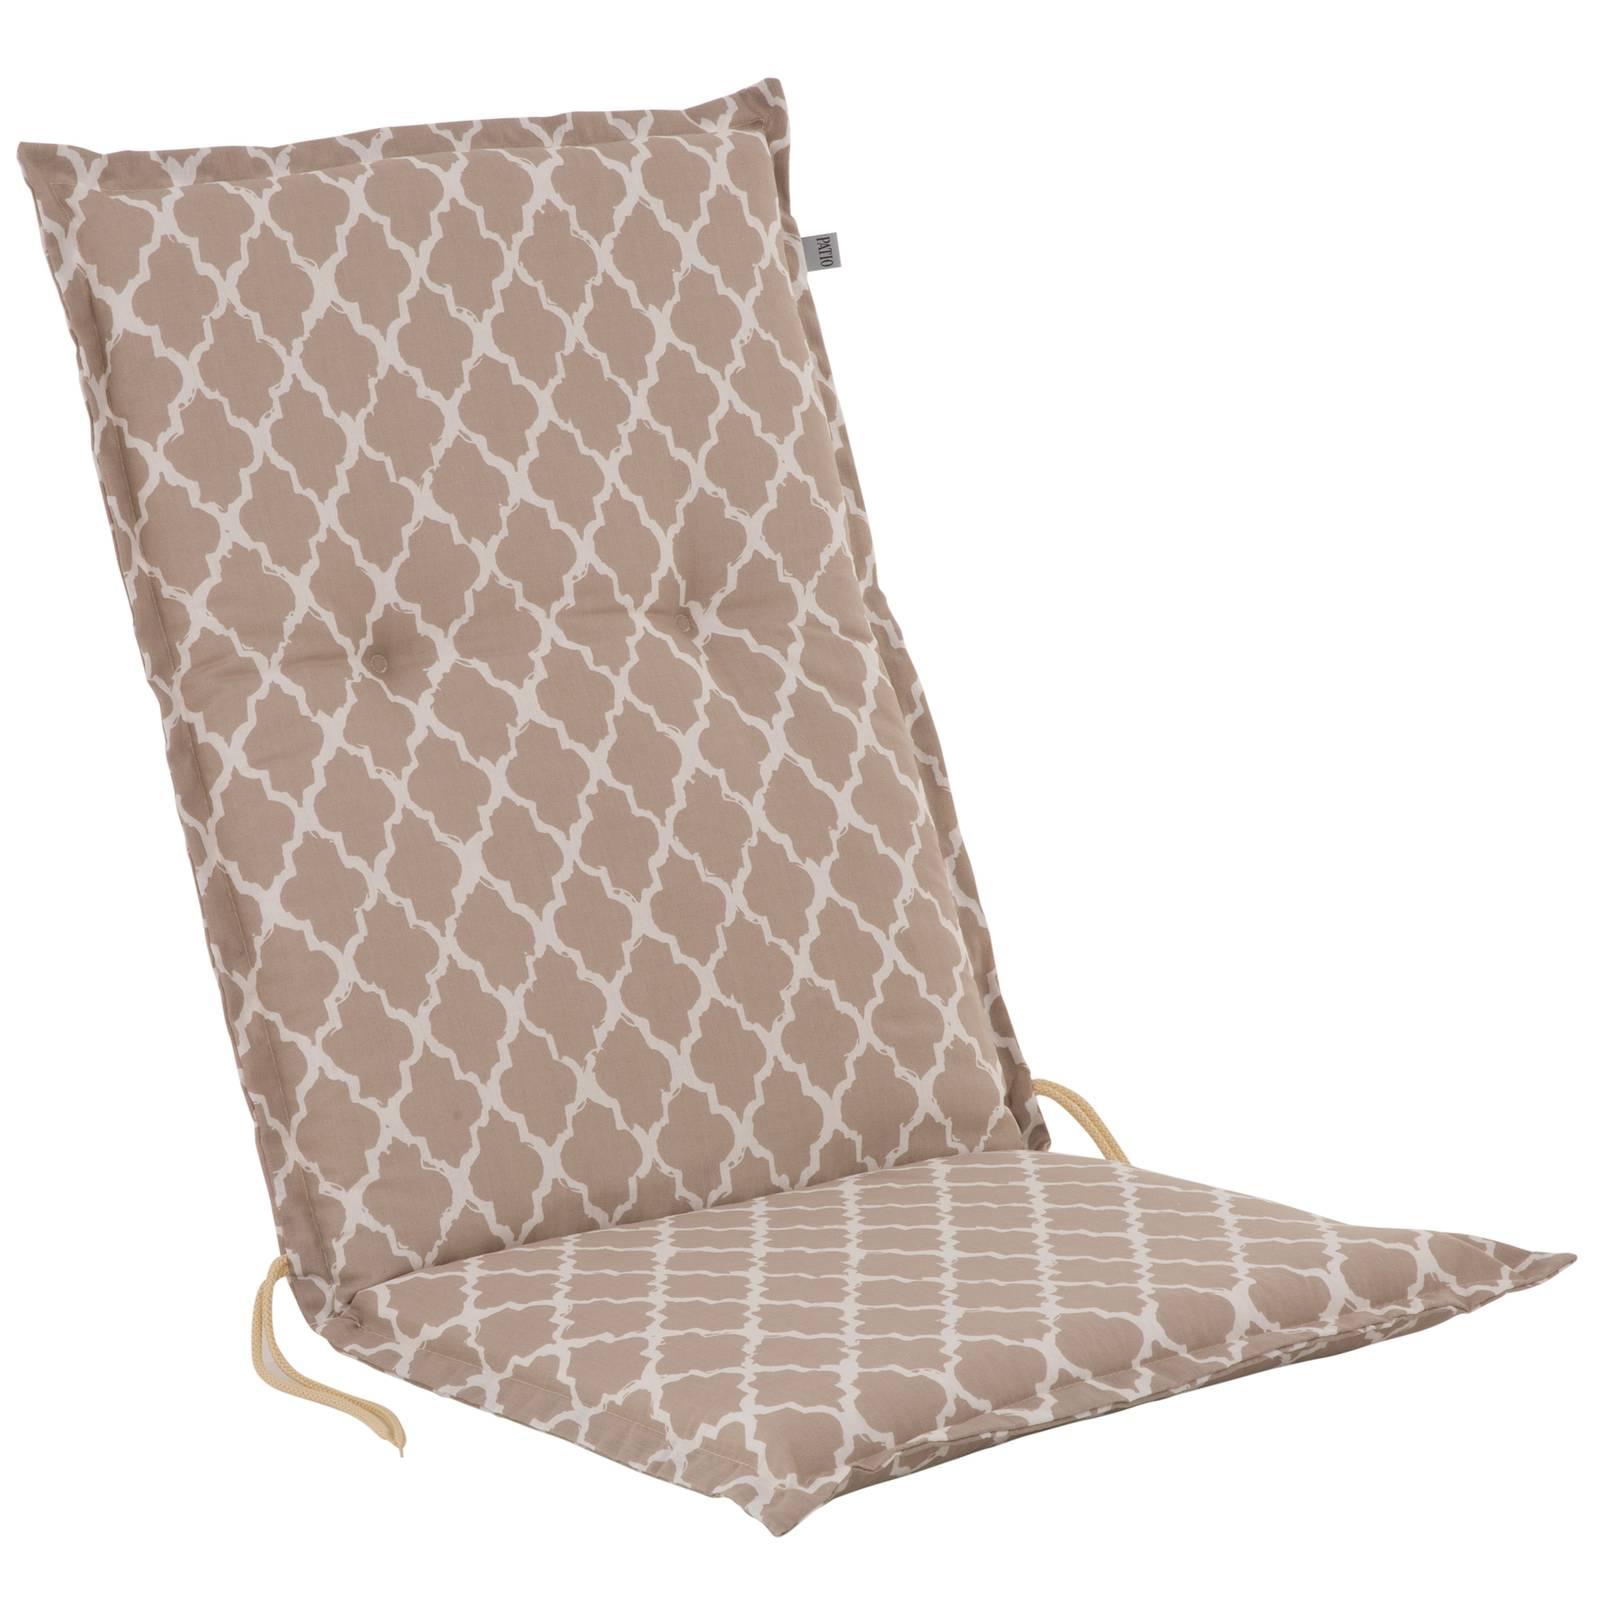 Poduszka na krzesło Malezja Niedrig 5 cm H030-05PB PATIO